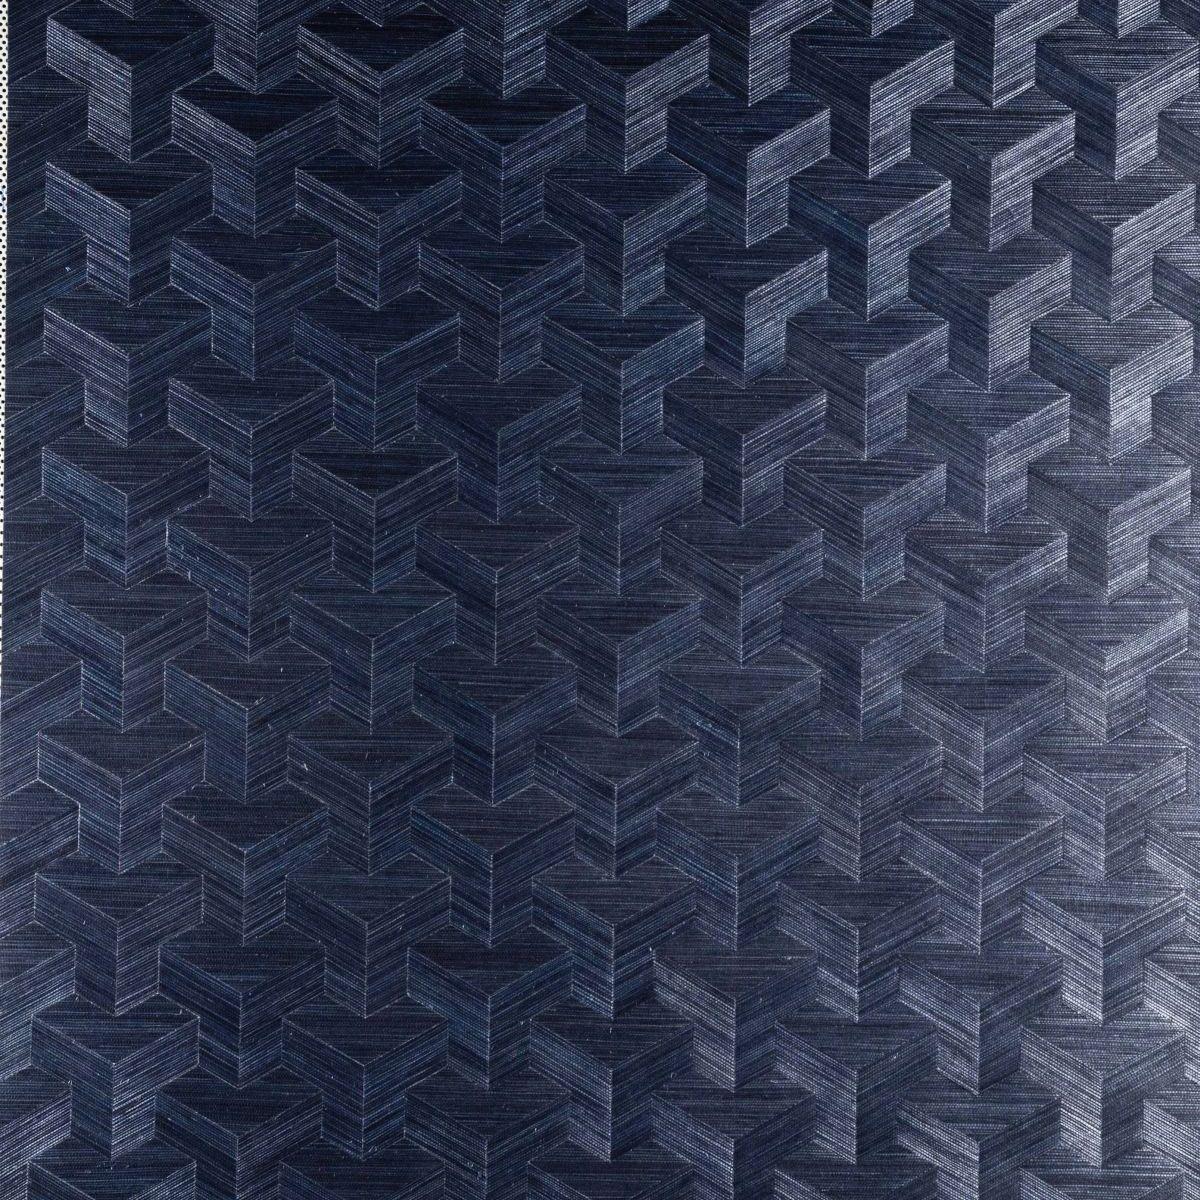 Muster Tapete Dunkelblau : Decowunder Tapeten Vlies Sisal Tapete Cube Dunkelblau 49002